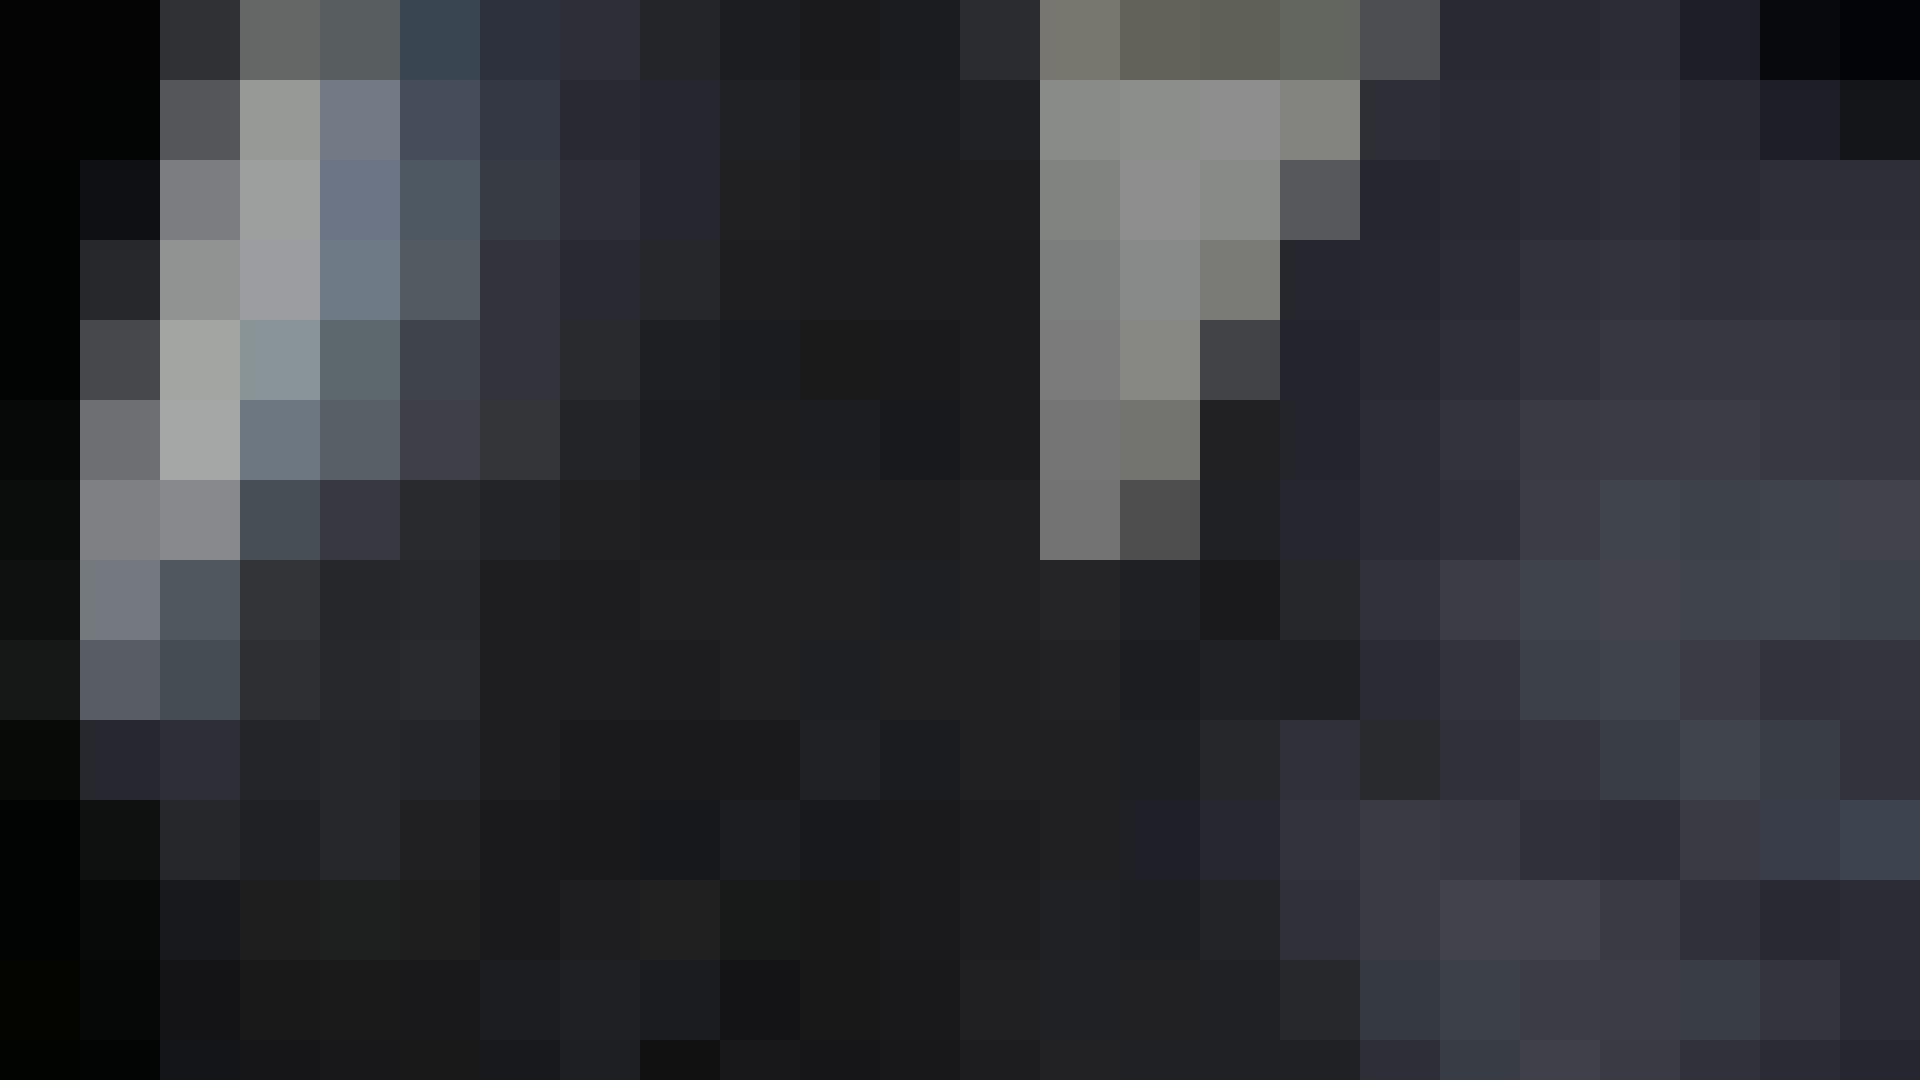 【美しき個室な世界】 vol.017 (゜∀゜) 高評価  108枚 63